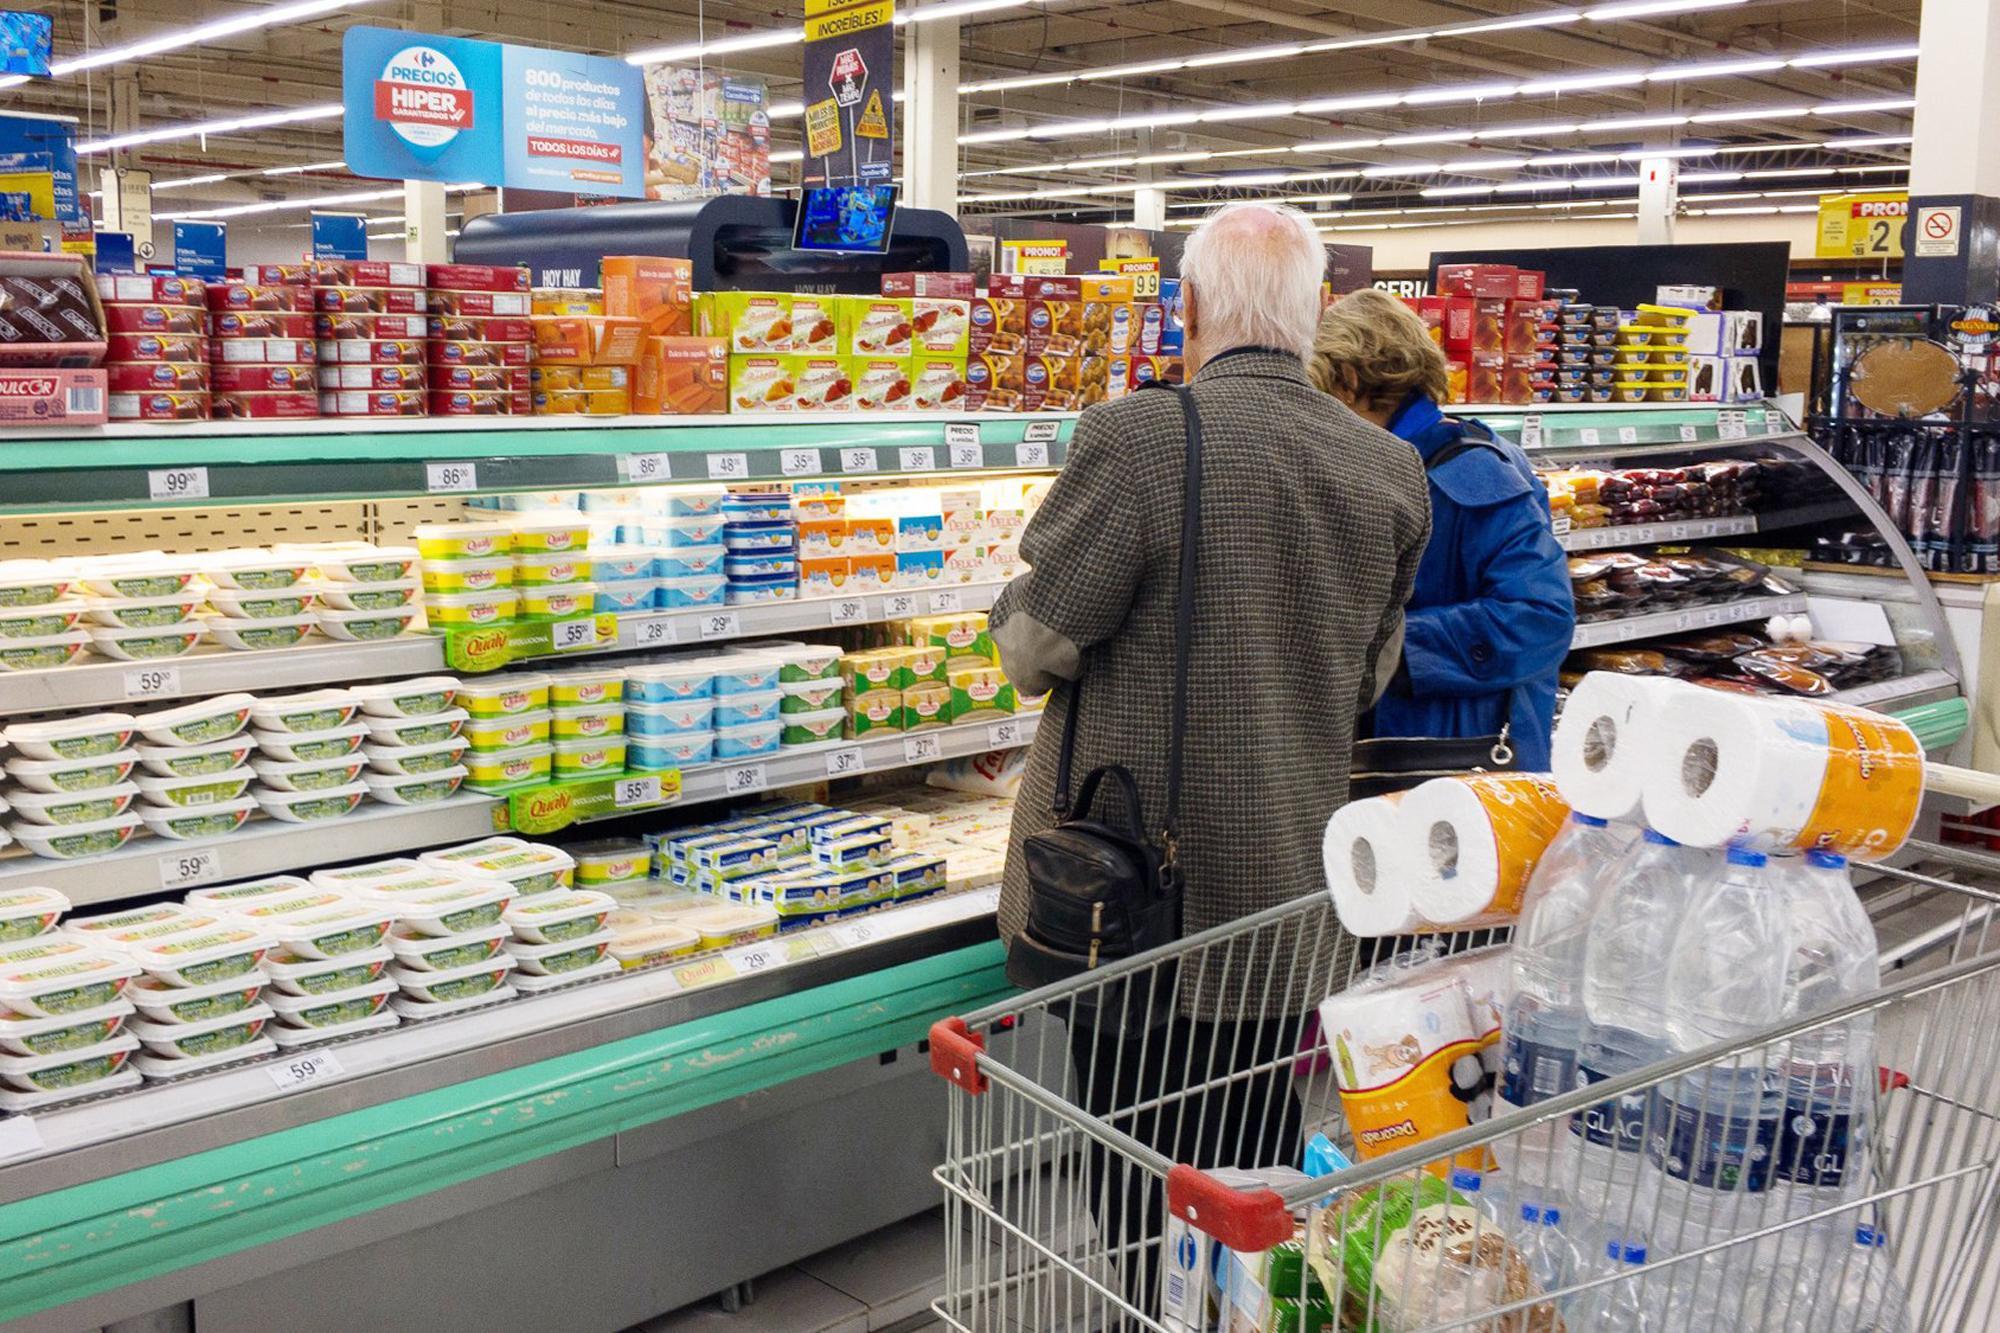 En diciembre, las ventas en supermercados cayeron 8,7% y 13,3% en shoppings, según el Indec